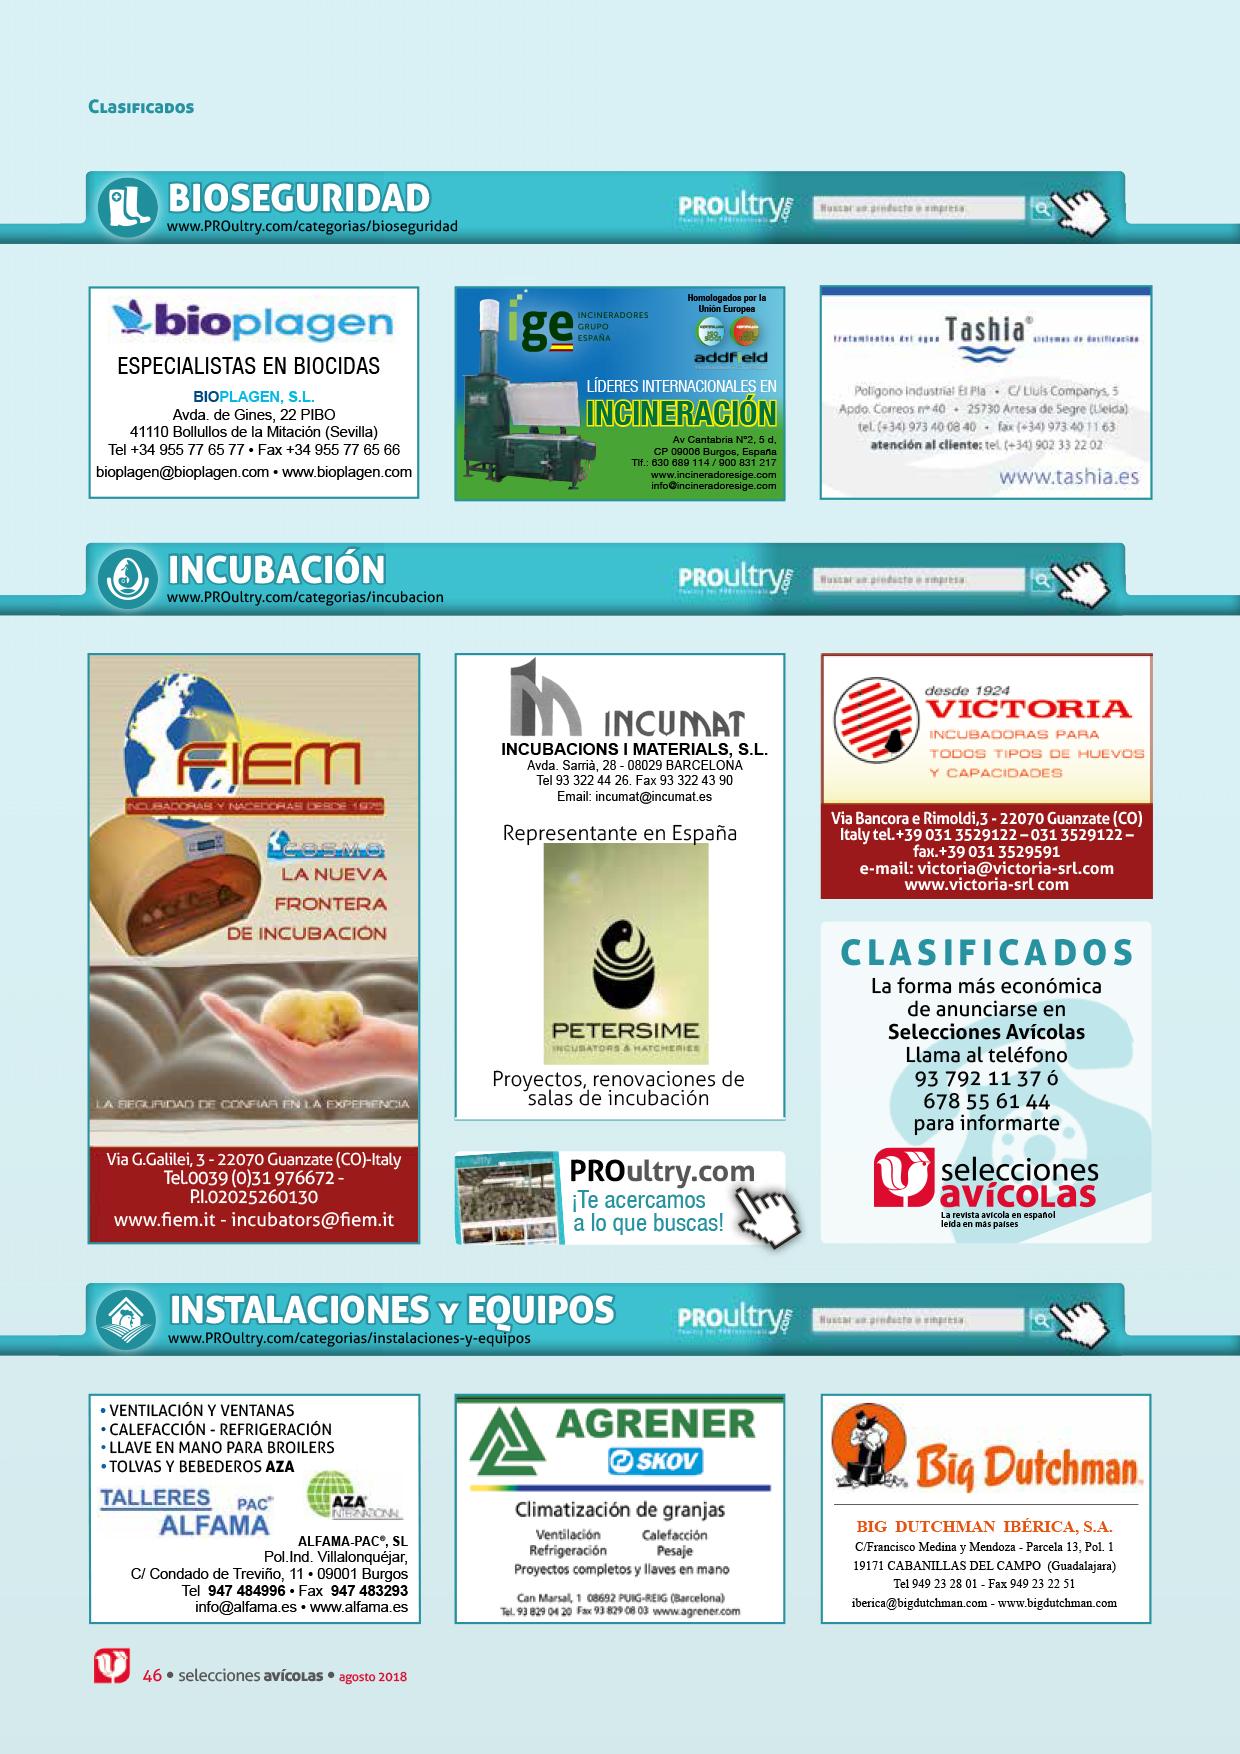 45_49_clasificados_revista_selecciones_avicolas_SA201808_2.jpg